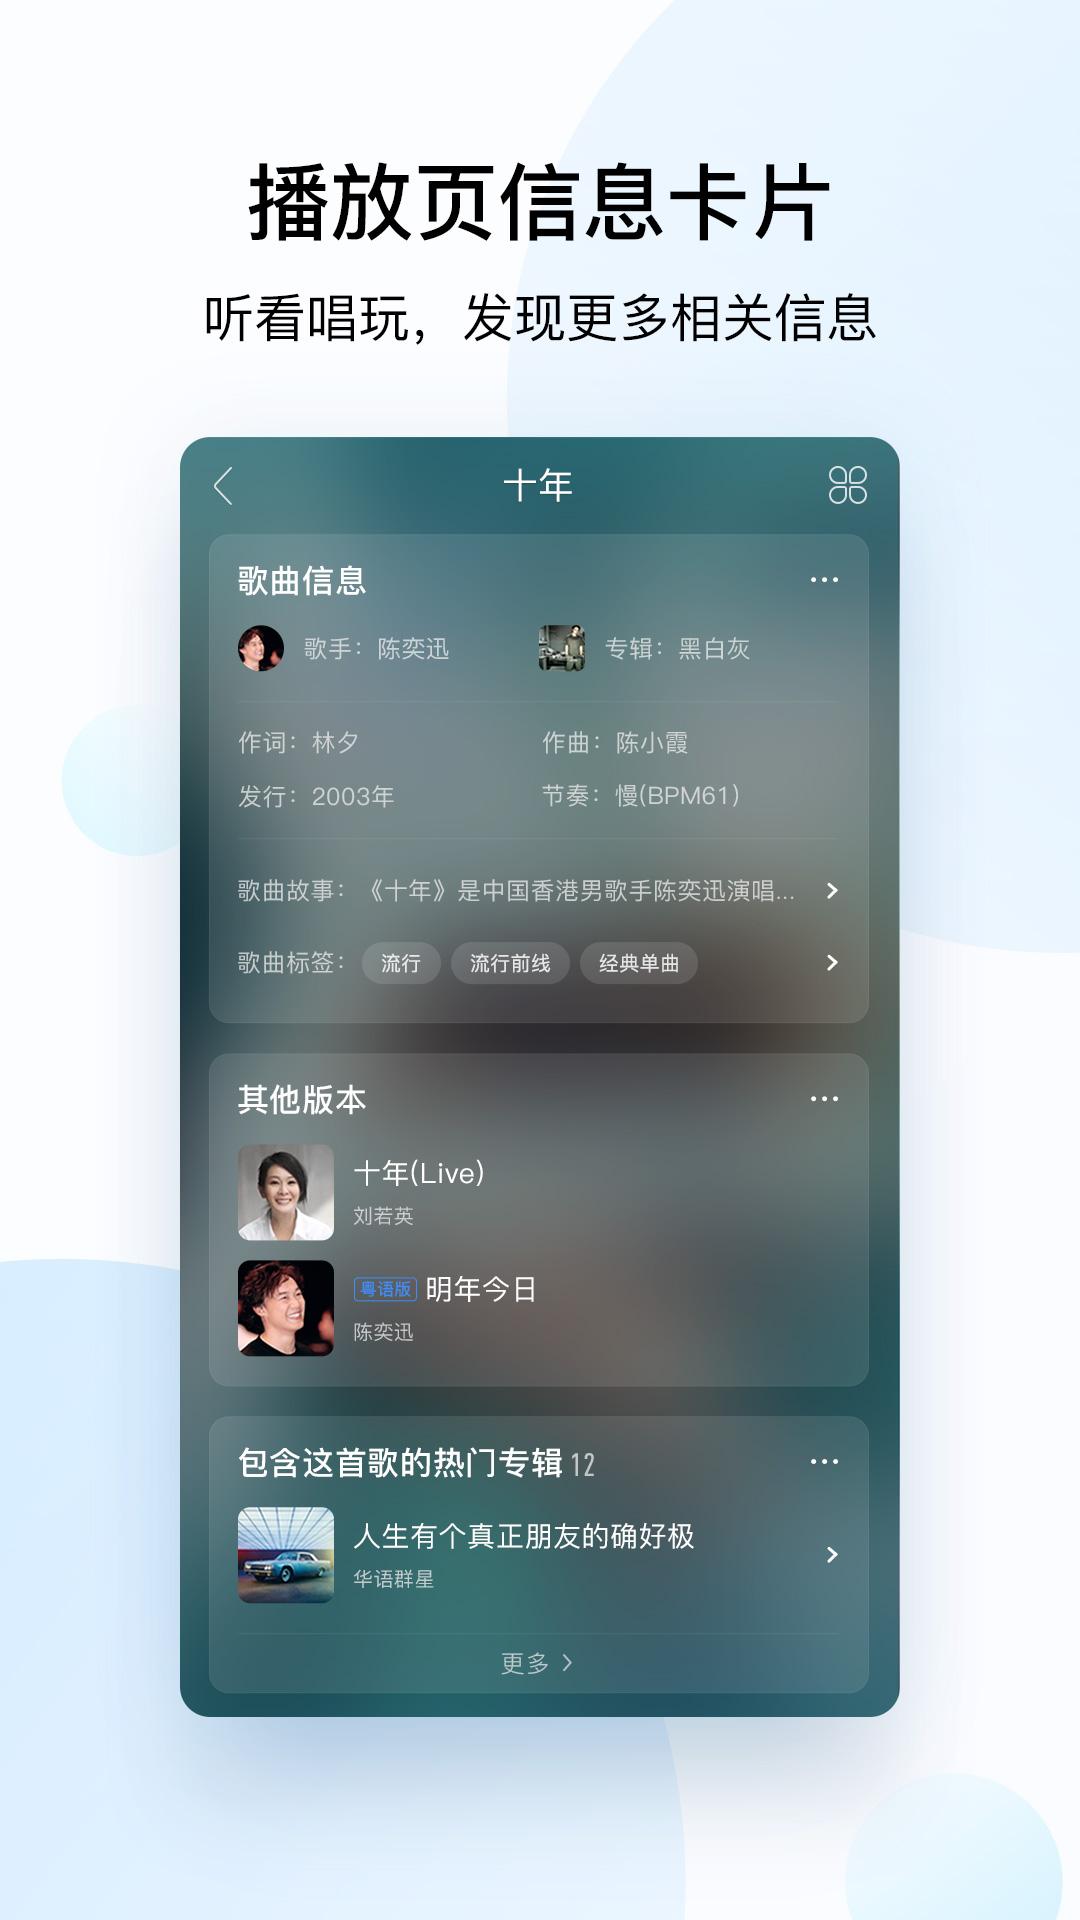 酷狗音乐桌面图标_酷狗音乐(com.kugou.android) - 10.0.4 - 应用 - 酷安网